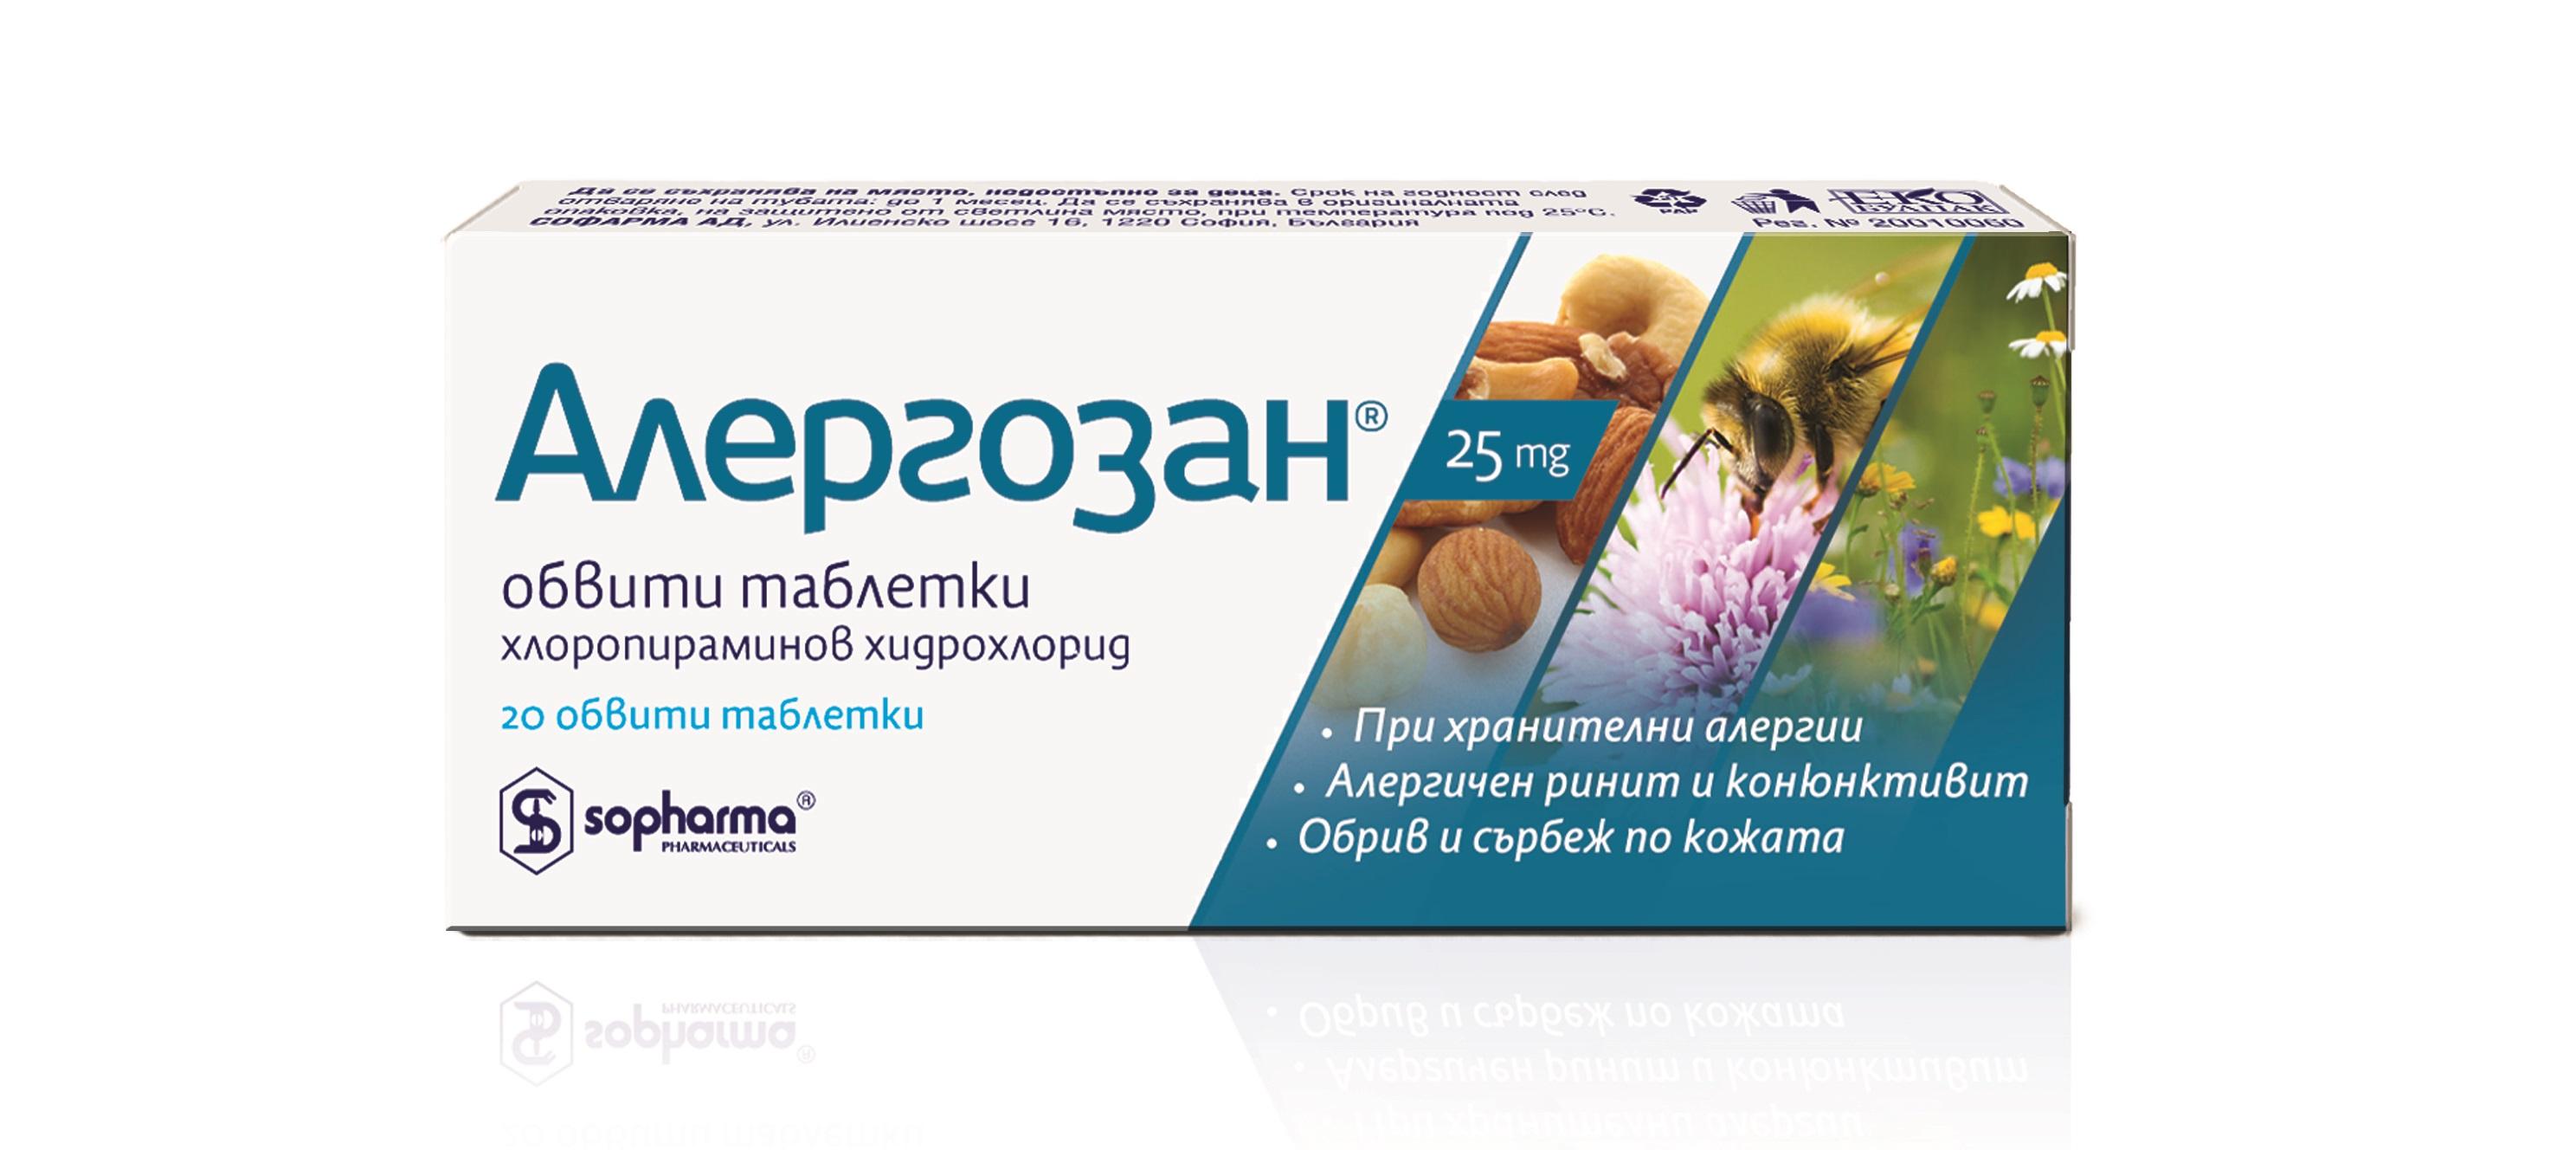 Какво представлява Алергозан и за какво се използва?  АЛЕРГОЗАН / ALLERGOSAN на фармацевтичната компания Софарма е противоалергично лекарствено средство, което принадлежи към групата на класическите антихистаминови средства за лечение на алергични реакции и се използва за симптоматично лечение на алергични ринити и конюктивити; сенна хрема; кожни алергични реакции - обриви, сърбеж, ухапване от насекоми, дермографизъм; лекарствени и хранителни алергии. Той потиска ефектите на хистамин (вещество, което се образува в организма), който обуславя алергичните реакции.  Кога не трябва да използвате Алергозан?  - Свръхчувствителност към лекарственото или помощните вещества;  - Бременност и кърмене;  - Активна гастро-дуоденална язва;  - Пилородуоденална стеноза (стеснение изхода на стомаха);  - Астматичен пристъп.  ПРЕДИ ДА ЗАПОЧНЕТЕ ЛЕЧЕНИЕ С АЛЕРГОЗАН  Уведомете лекуващия си лекар, ако имате някакво хронично заболяване, ако сте свръхчувствителни към други лекарства или xpaни или ако вземате други лекарства.  - Уведомете лекуващия си лекар ако имате хипертиреоидизъм (повишена функция на щитовидната жлеза), сърдечно-съдови заболявания, чернодробни заболявания, глаукома (повишено вътреочно налягяне), аденома на простата и бронхиална астма или провеждате десенсибилизация с алергени.  - При пациенти в напреднала възраст (над 65 години) възможността от поява на замаяност, седация и хипотензия е по-голяма.  - Лечението с хлоропирамин на деца трябва да се провежда под лекарски контрол, тъй като при тях се наблюдават по-често нежелани ефекти - прояви на възбуда.  Бременност и кърмене  Уведомете Вашия лекар, ако сте бременна или планирате да забременеете. Преди да вземате някакво лекарство по време на бременност, непременно се посъветвайте с лекуващия си лекар.  Употребата на Алергозан по време на бременност и кърмене е противопоказано.  Влияние върху способността за шофиране и работа с машини  При употреба на Алергозан е възможна поява на сънливост, нарушение в координацията и забав